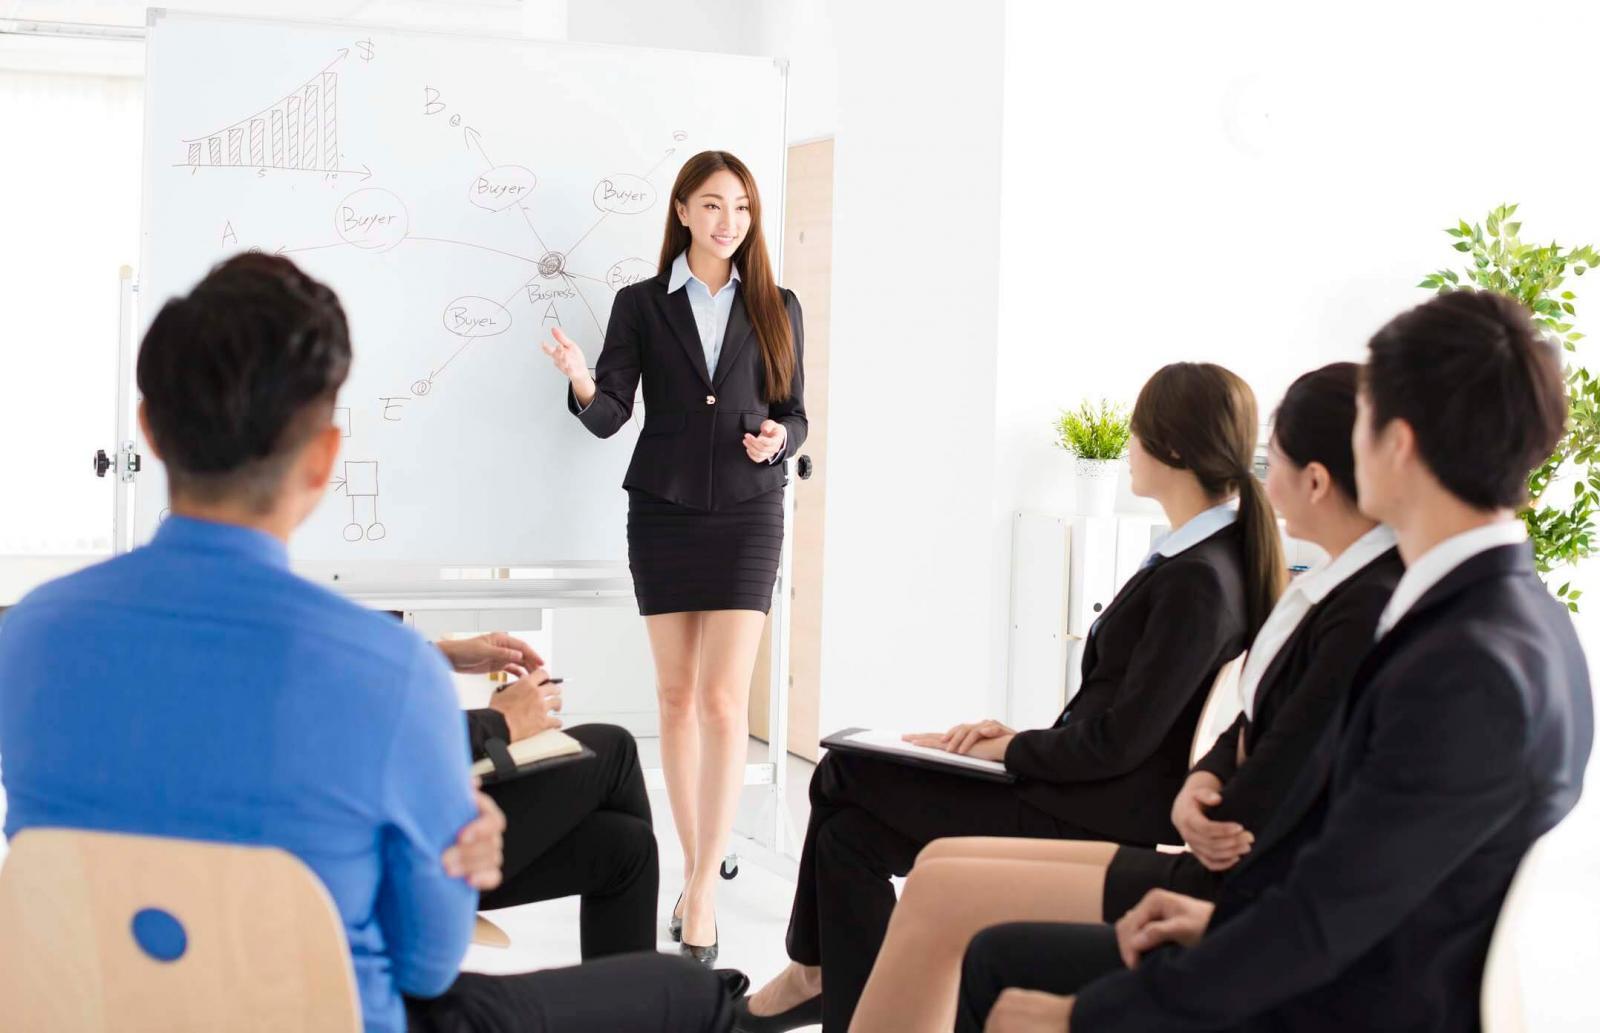 10 bí quyết giúp bạn cải thiện kỹ năng thuyết trình trước đám đông